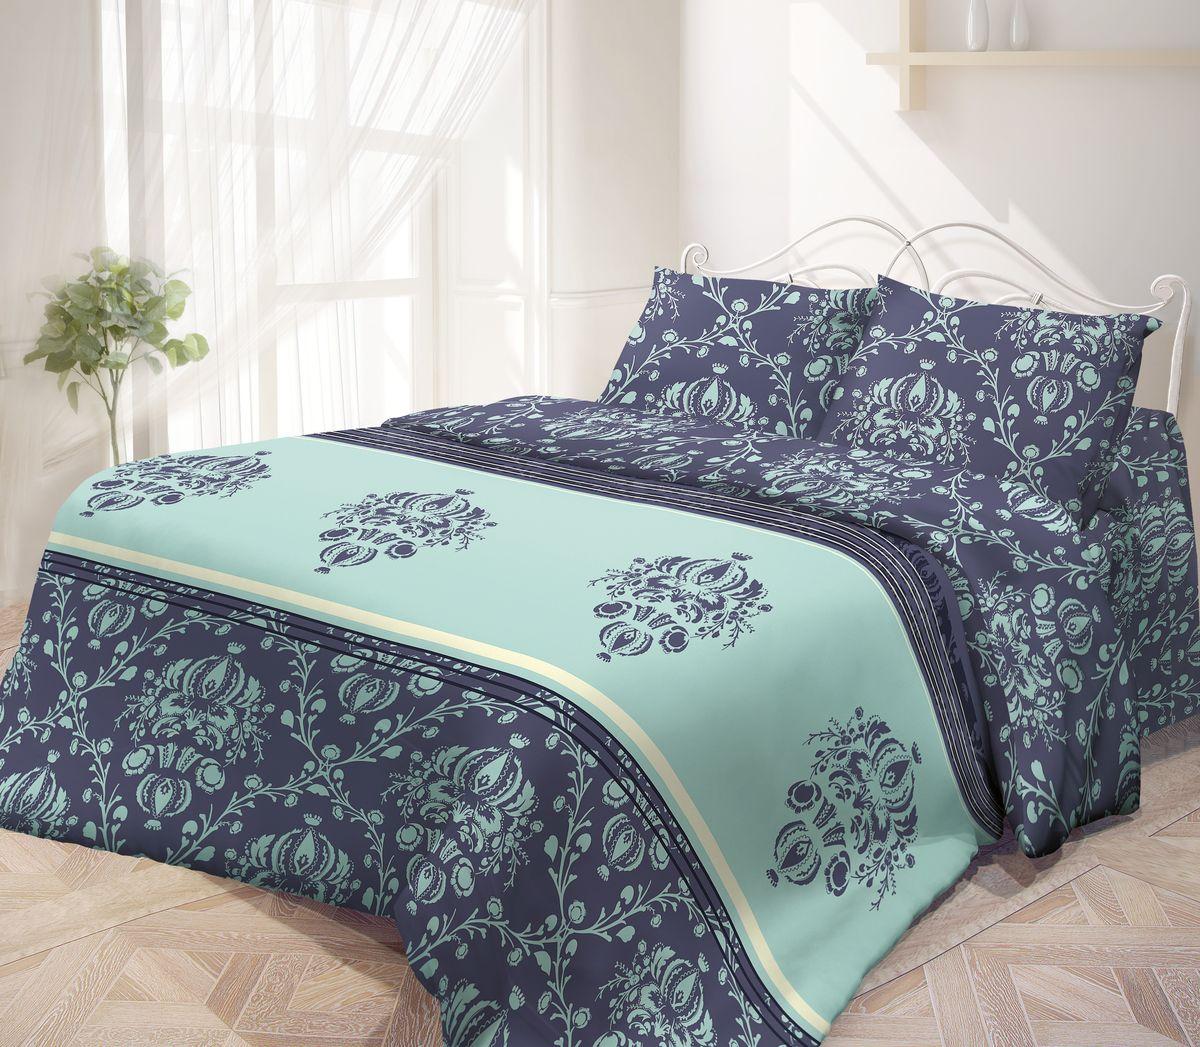 Комплект белья Гармония, 1,5-спальный, наволочки 50х70, цвет: темно-синий, голубой192581Комплект постельного белья Гармония является экологически безопасным, так как выполнен из поплина (100% хлопок). Комплект состоит из пододеяльника, простыни и двух наволочек. Постельное белье оформлено красивым орнаментом и имеет изысканный внешний вид. Поплин мягкий и приятный на ощупь. Кроме того, эта ткань не требует особого ухода, легко стирается и прекрасно держит форму. Высококачественные красители, которые используются при производстве постельного белья, сохраняют свой цвет даже после многочисленных стирок. Постельное белье Гармония - лучший выбор для современной хозяйки! Его отличают демократичная цена и отличное качество.